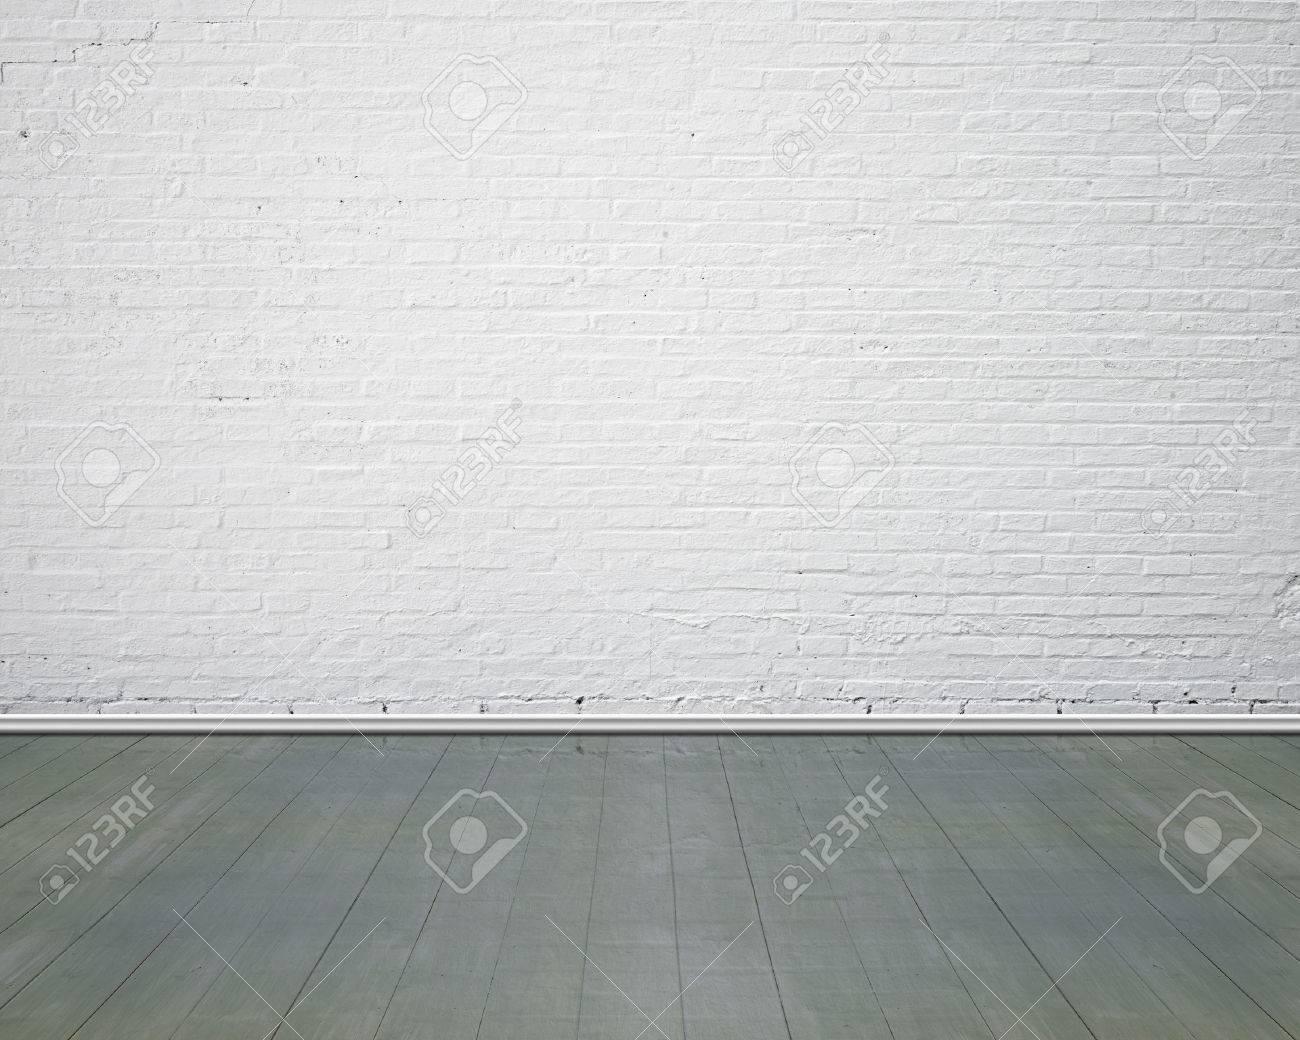 White brick wall with vintage wooden floor indoor, nobody, empty - 52366938